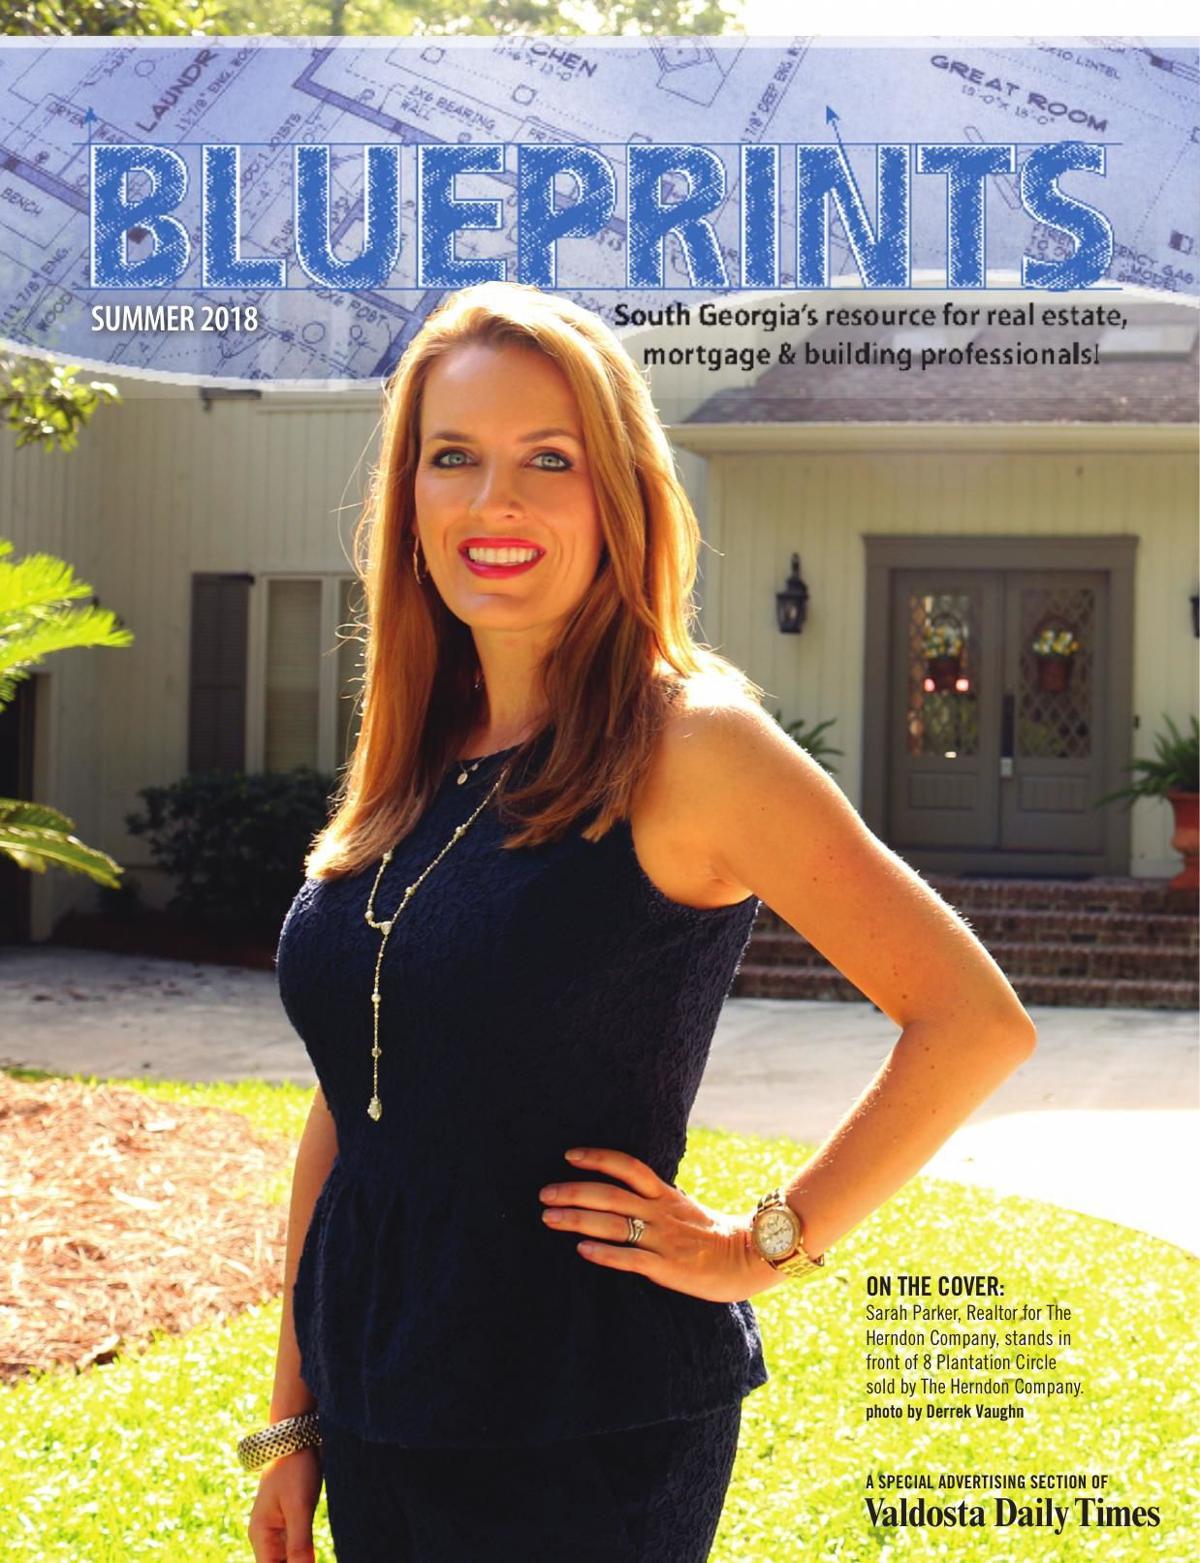 Blueprint Summer 2018